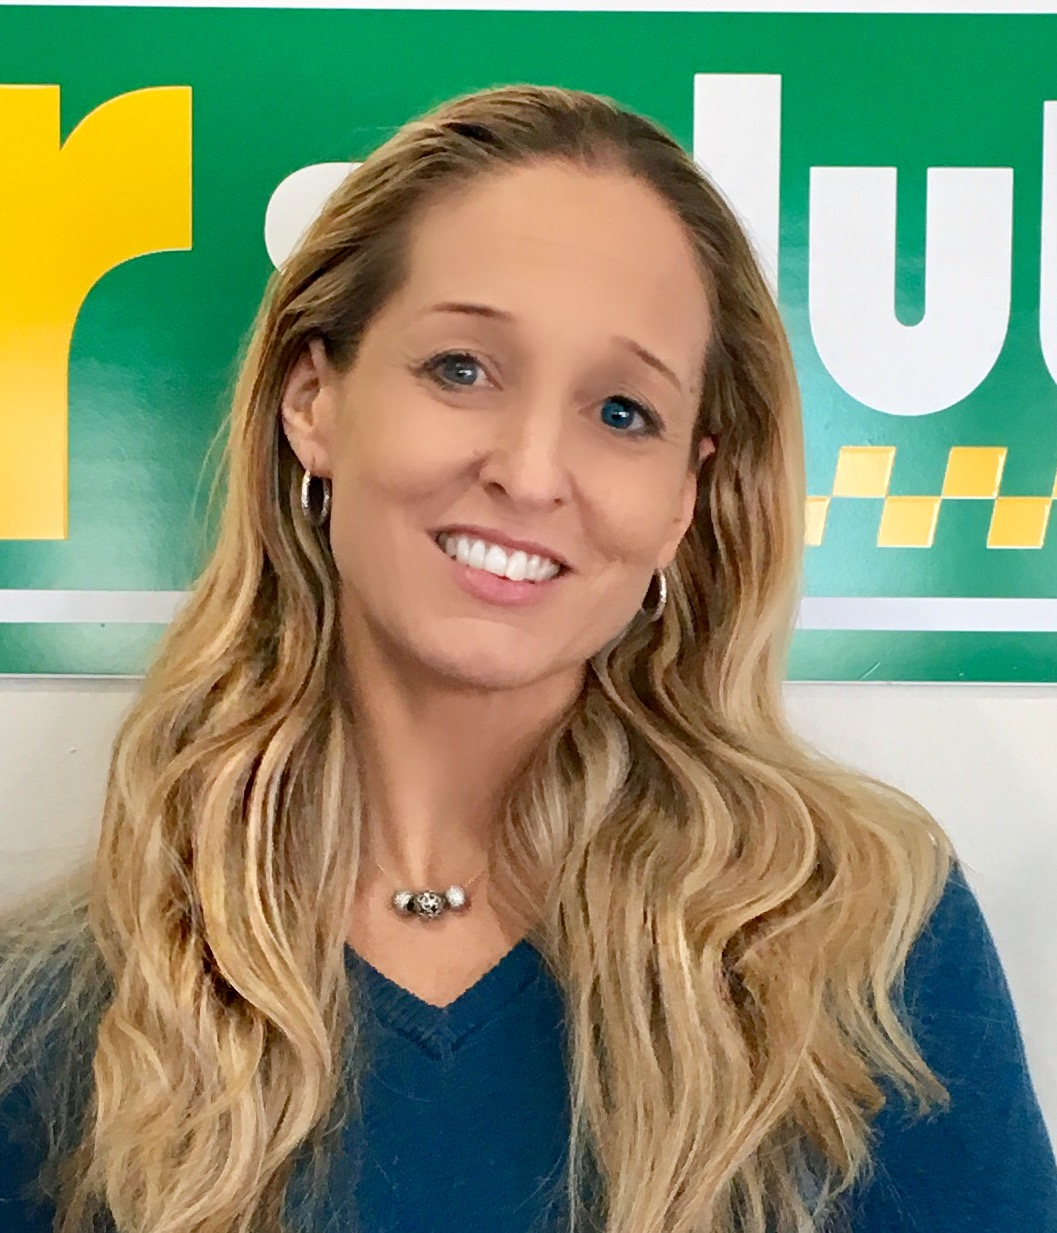 Christina Kampf